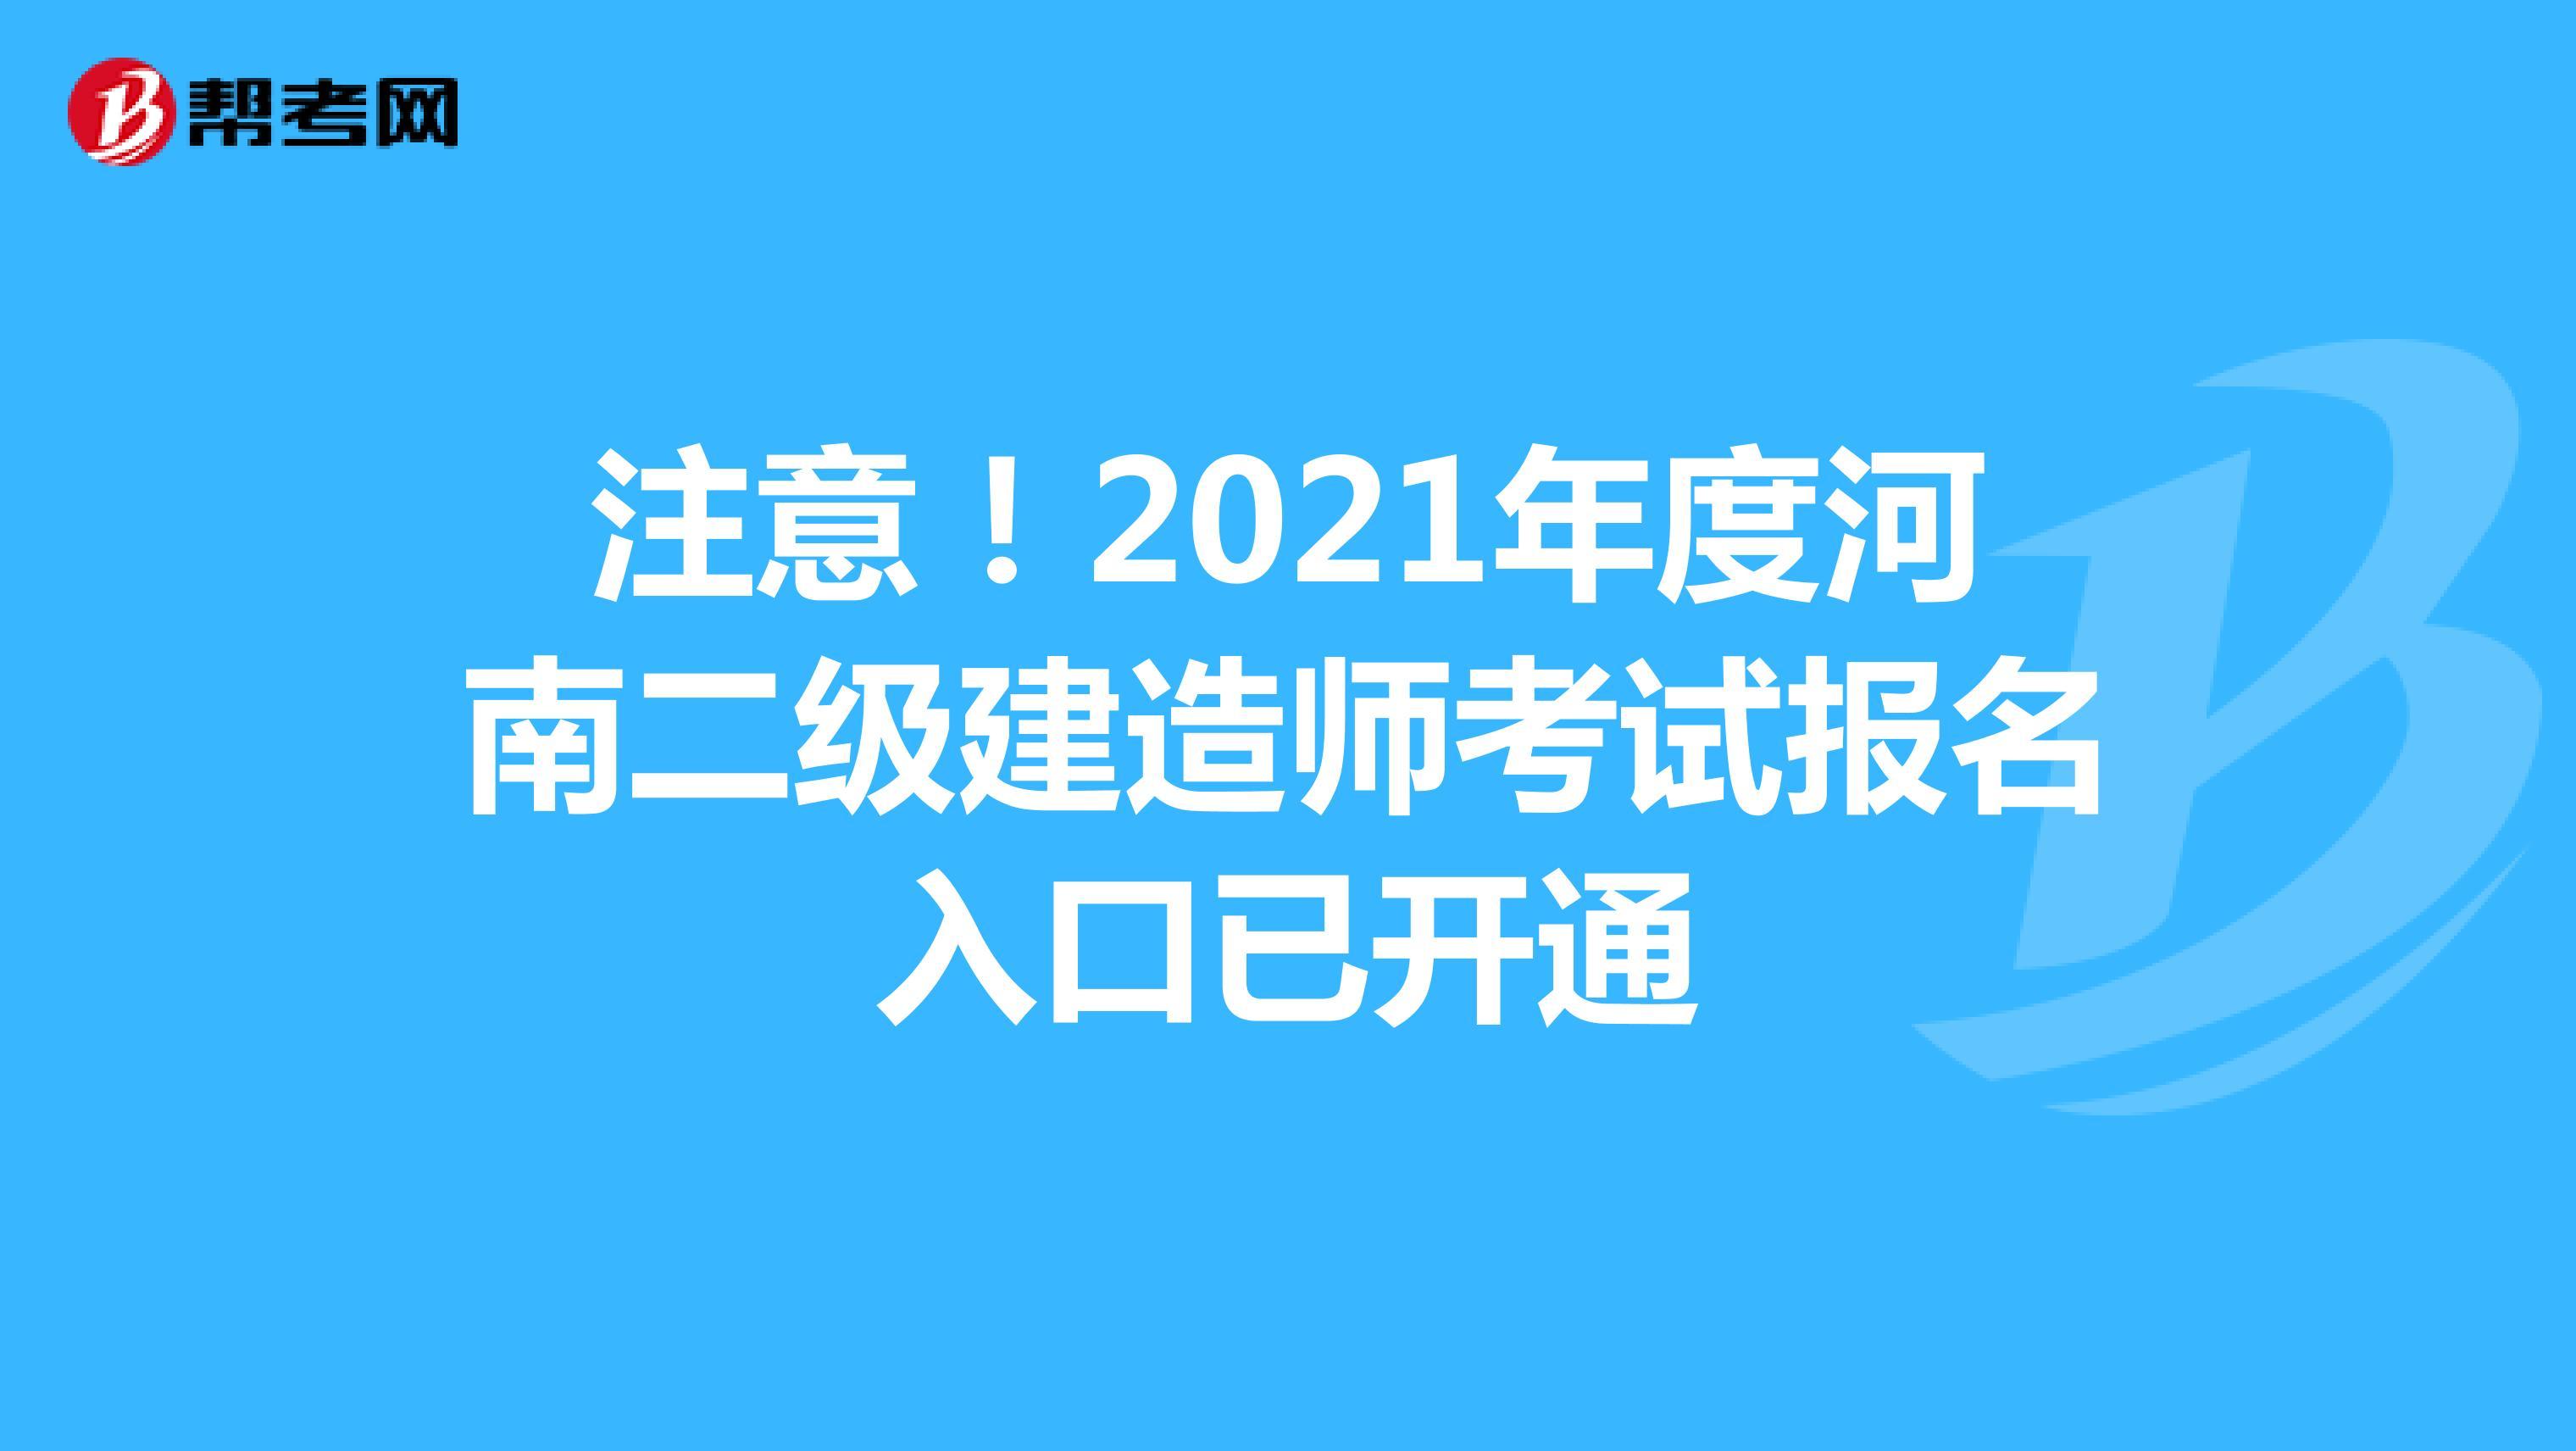 注意!2021年度河南二級建造師考試報名入口已開通